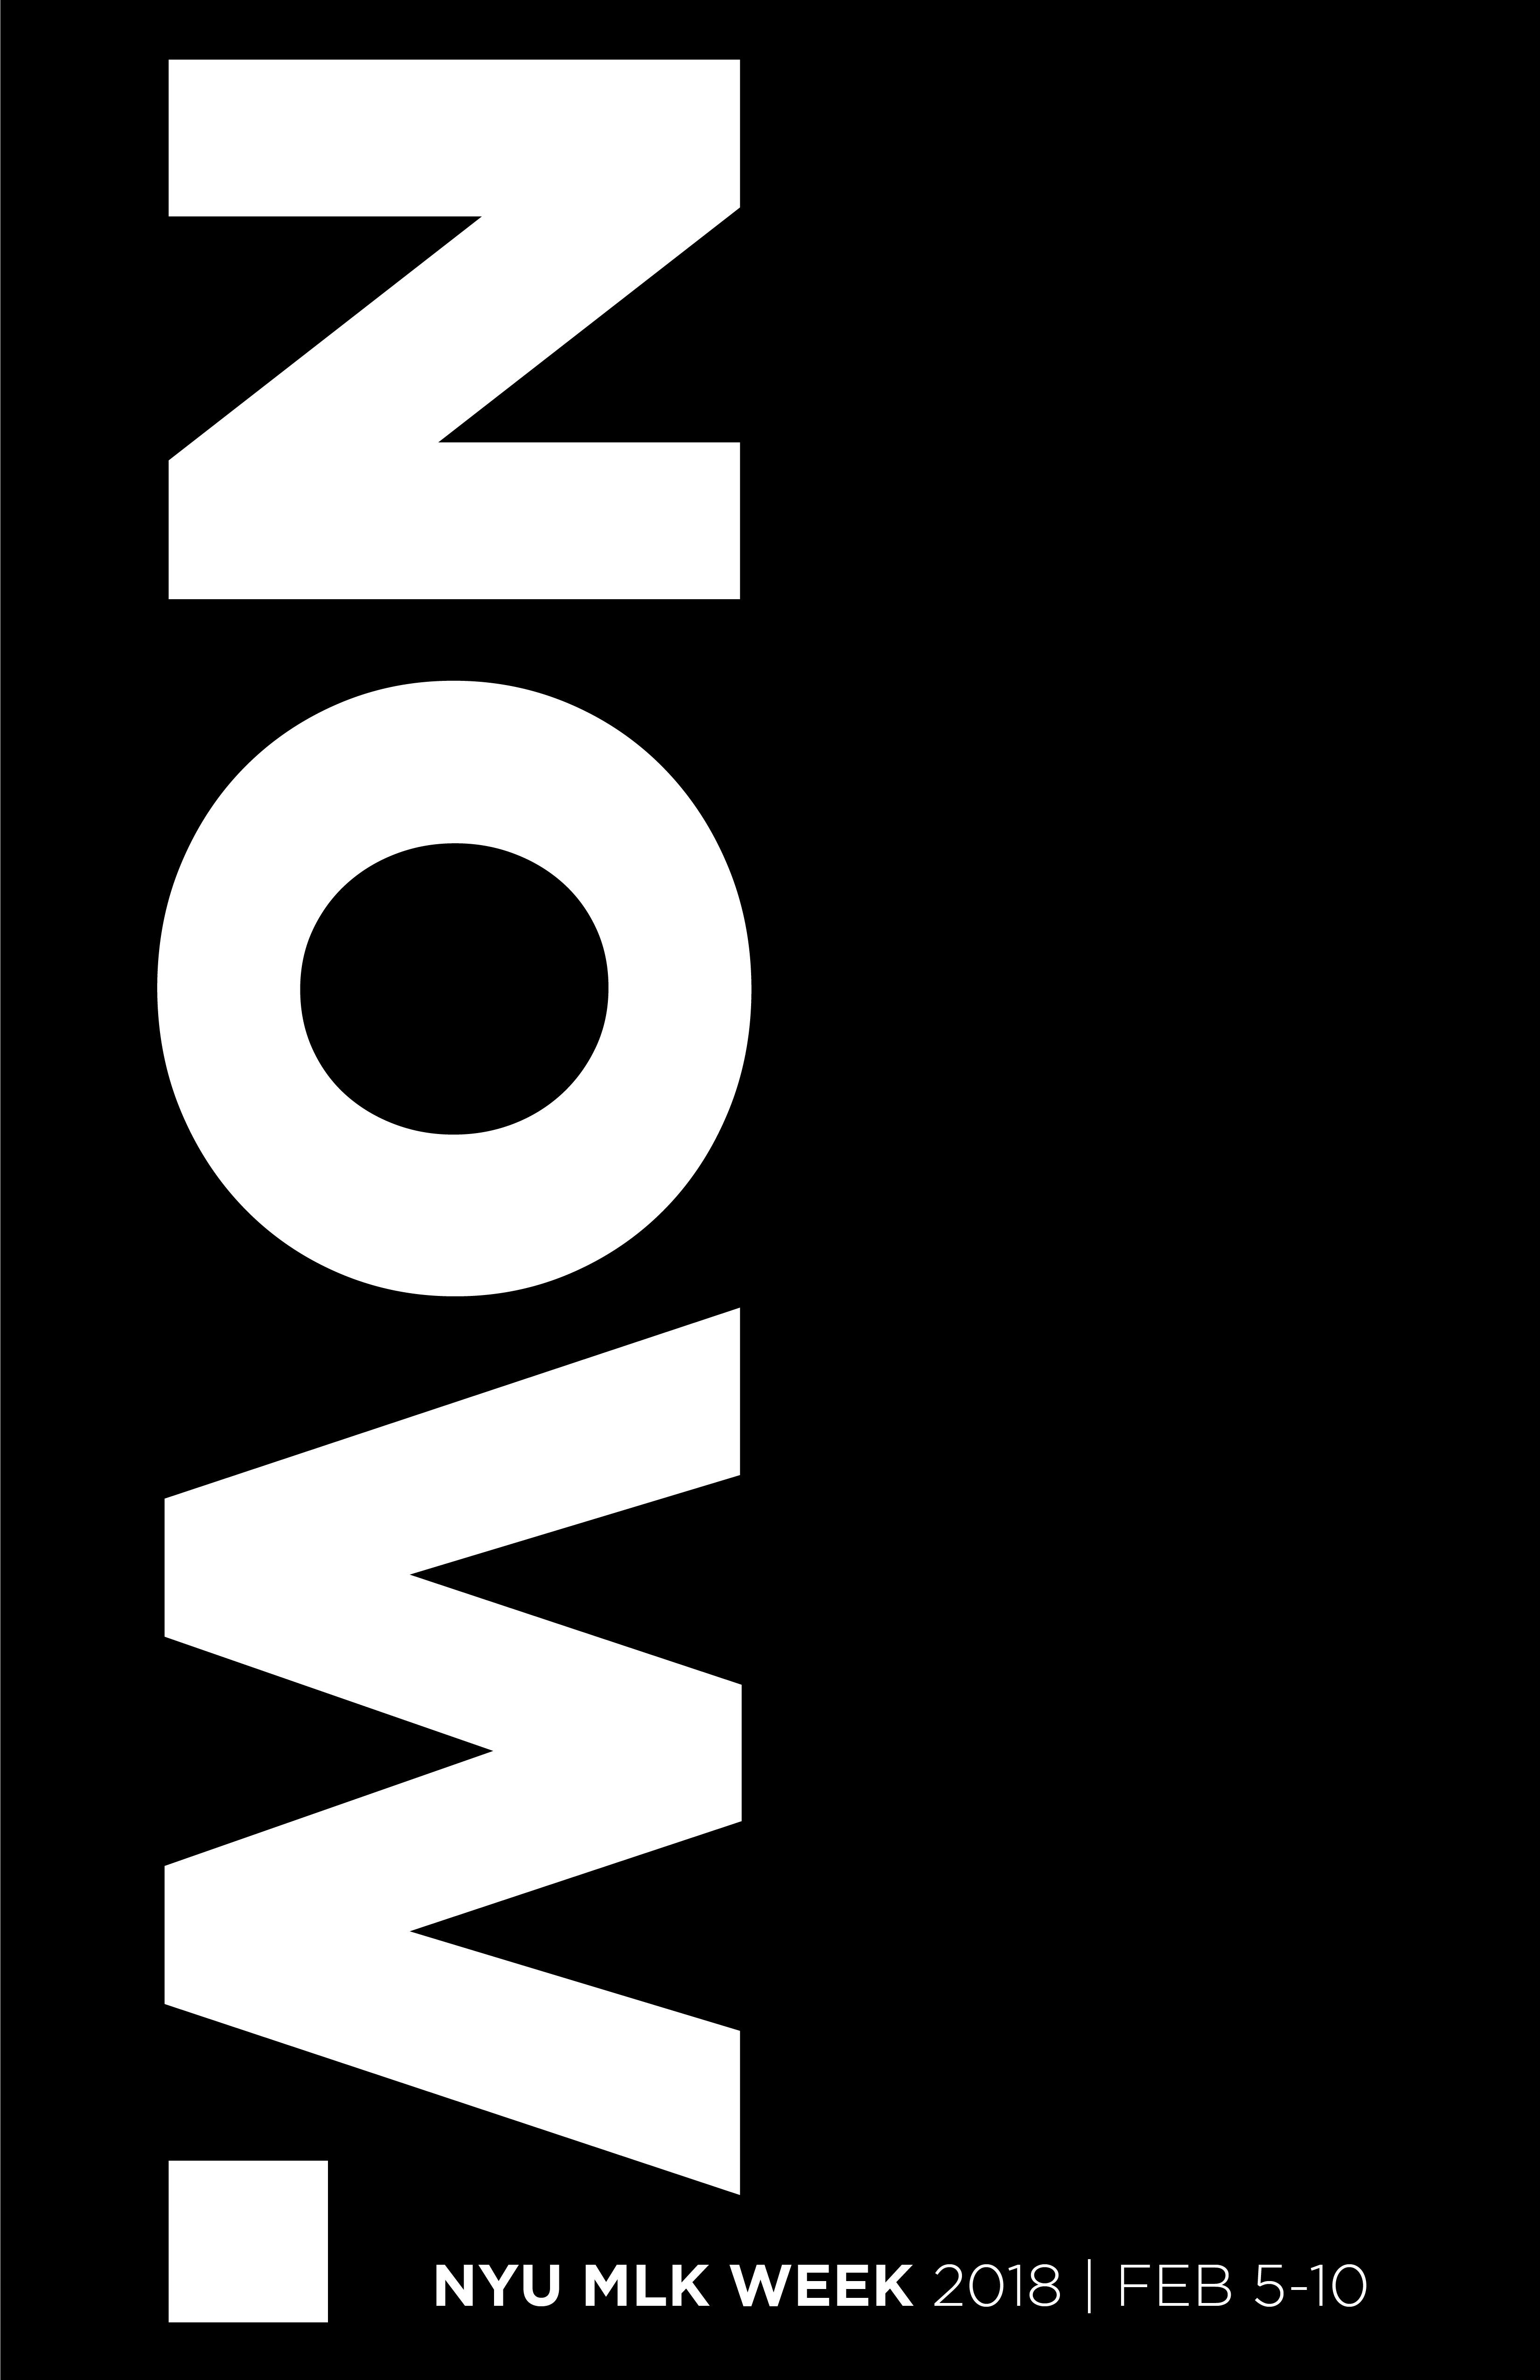 Text - NOW. NYU MLK Week 2018, Feb 5-10